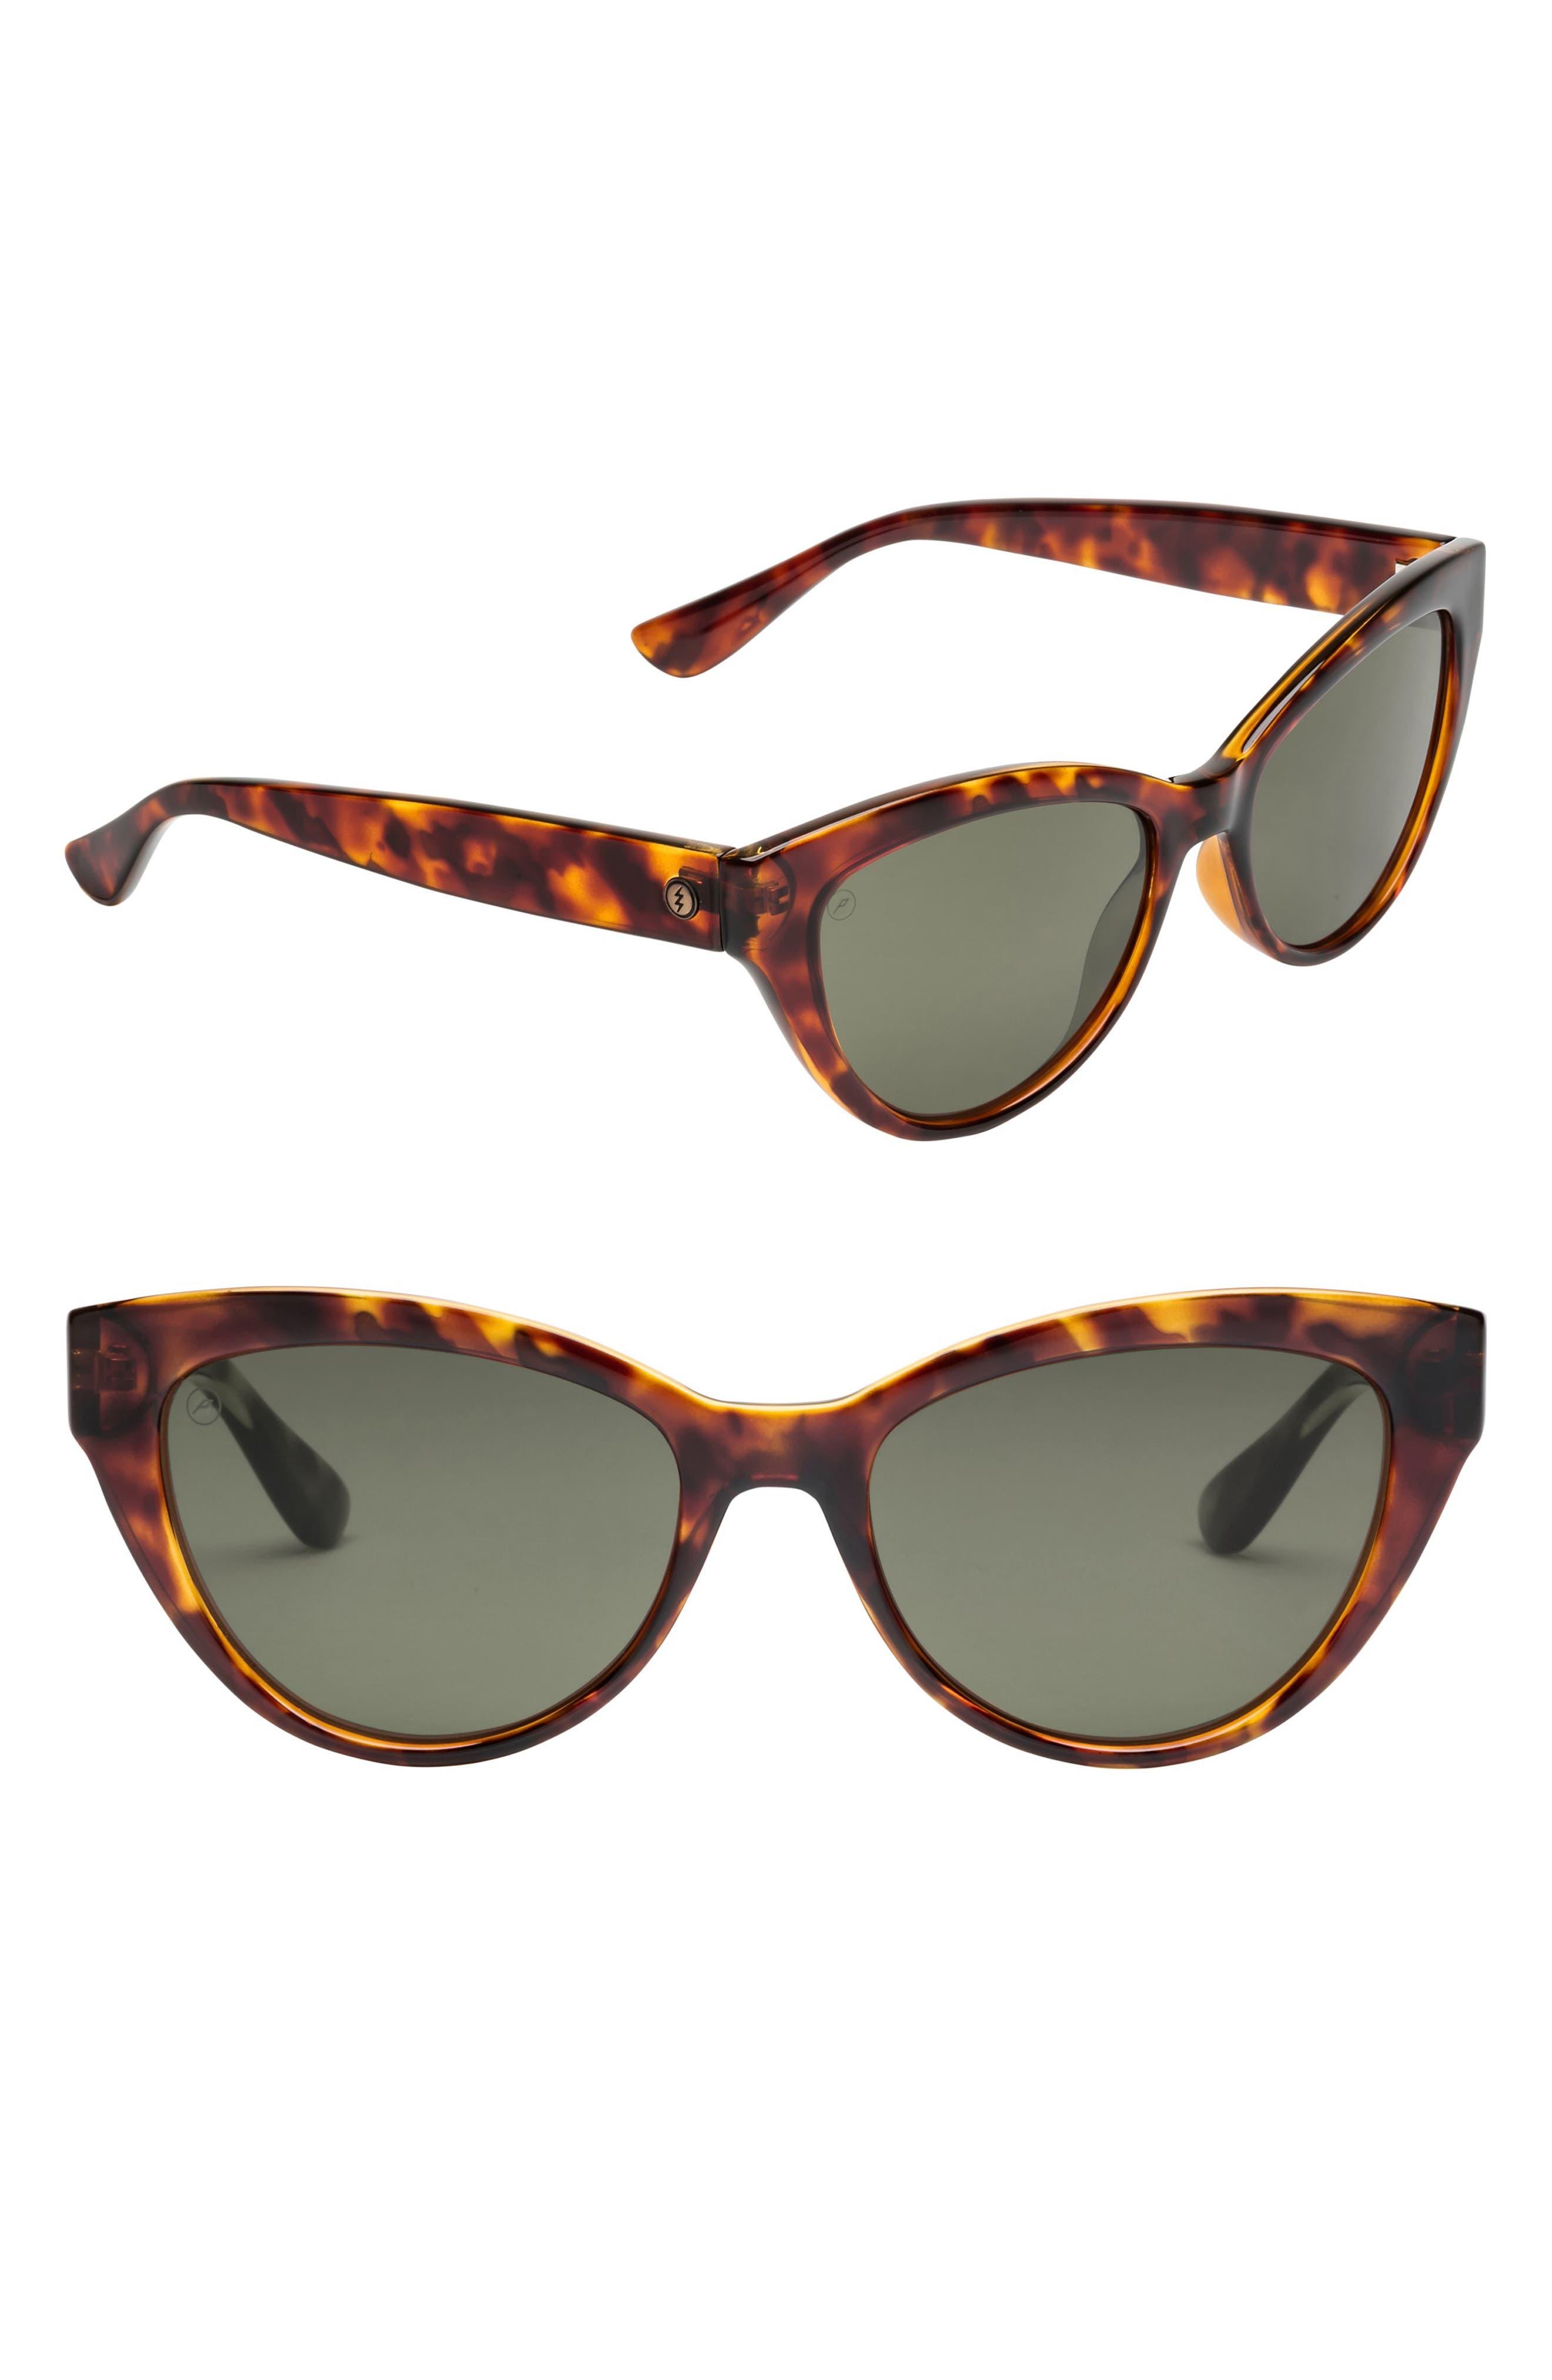 Indio 58mm Polarized Cat Eye Sunglasses